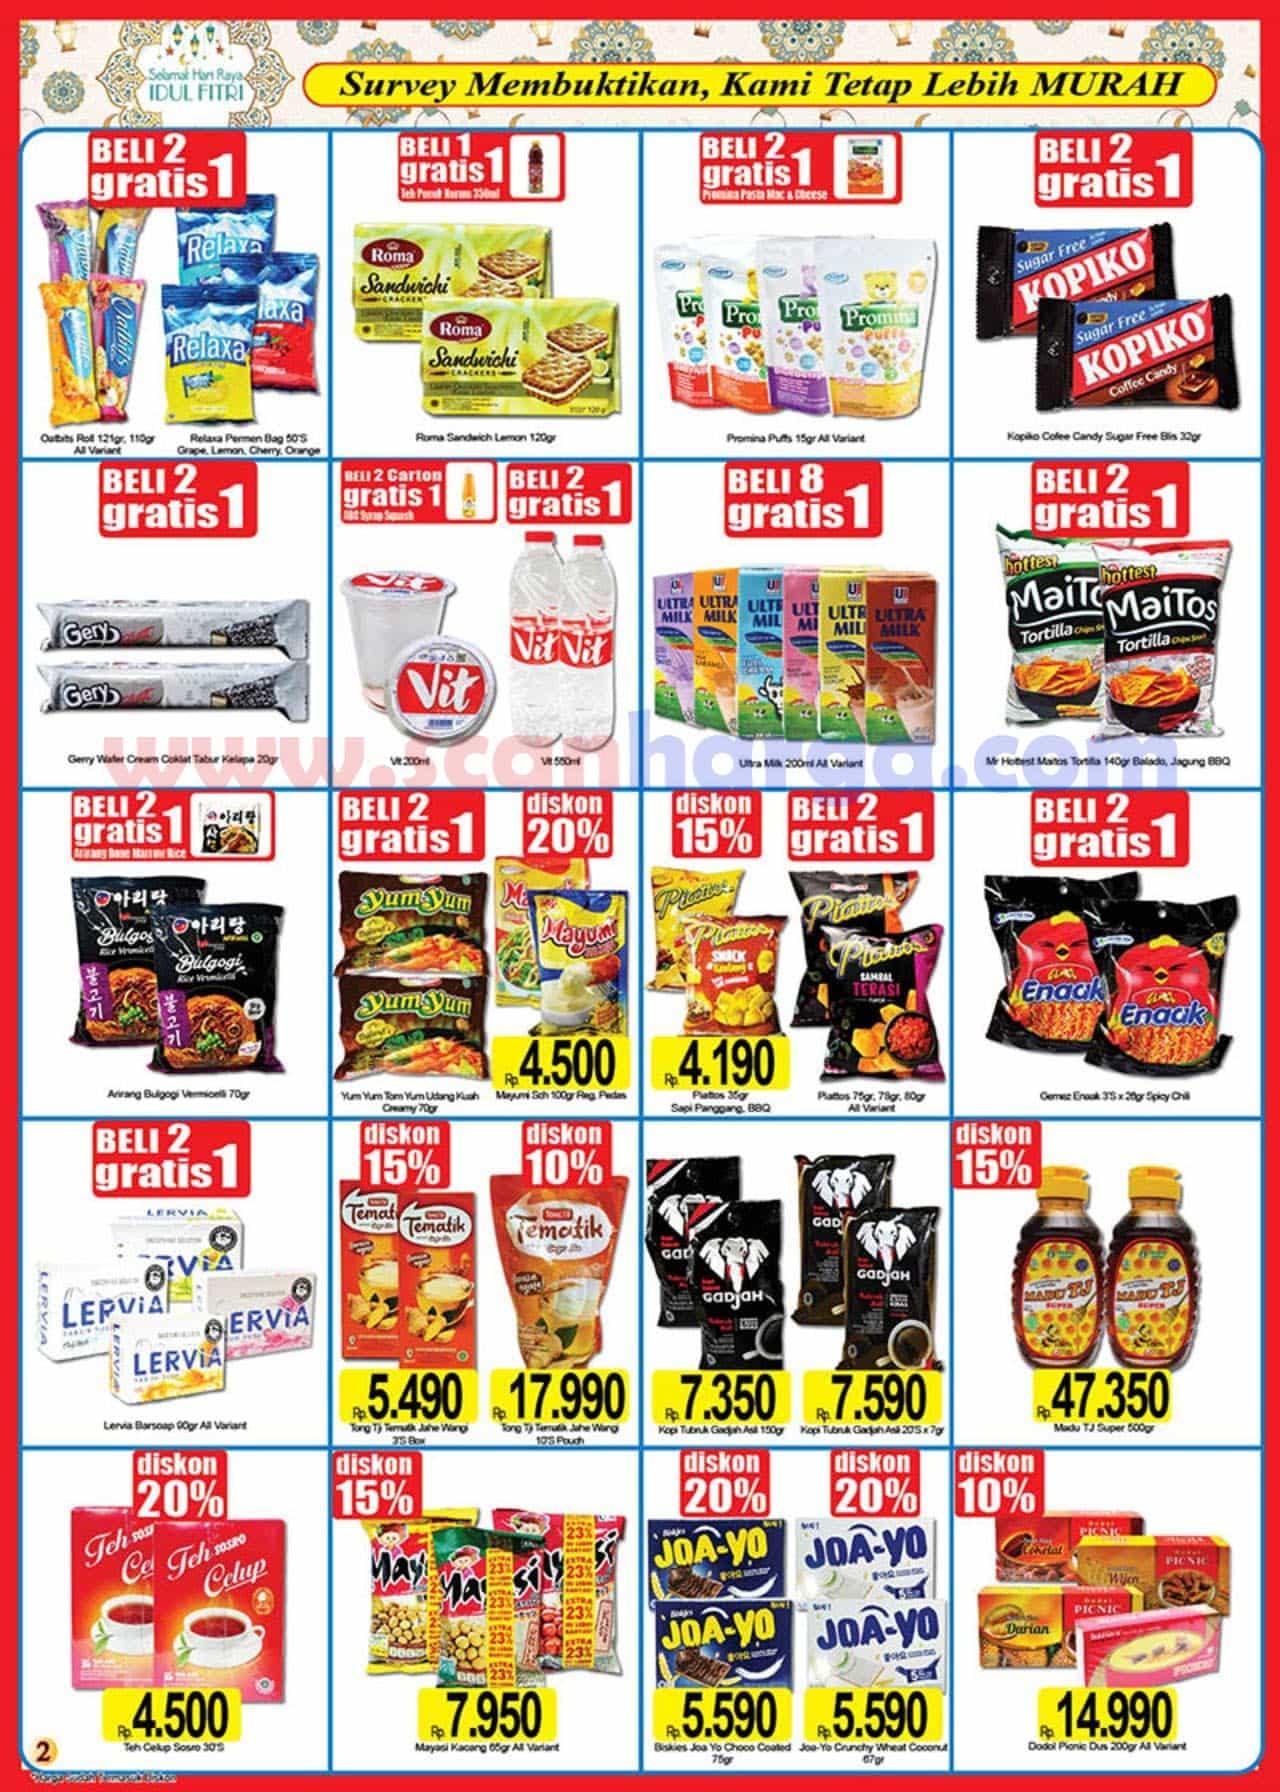 Katalog Promo Naga Pasar Swalayan 25 April - 16 Mei 2021 2